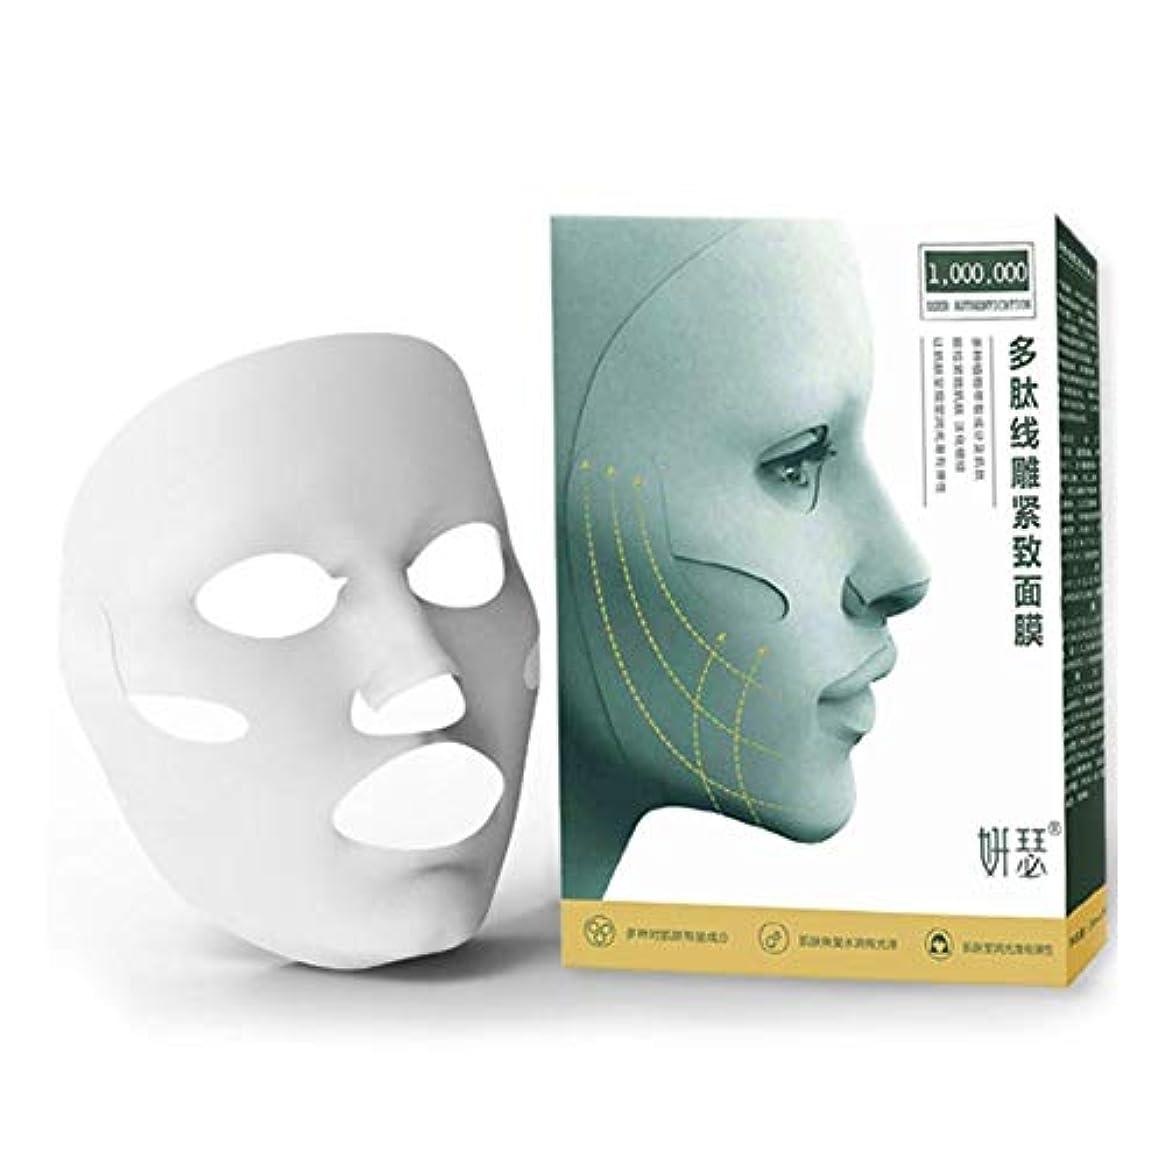 サロン無駄なつばBETTER YOU (ベター ュー) マスク、ペプチドマスク、保湿、美白、肌の引き締め、肌の色合いの明るく、赤い血の輝き、細い線 5枚1箱